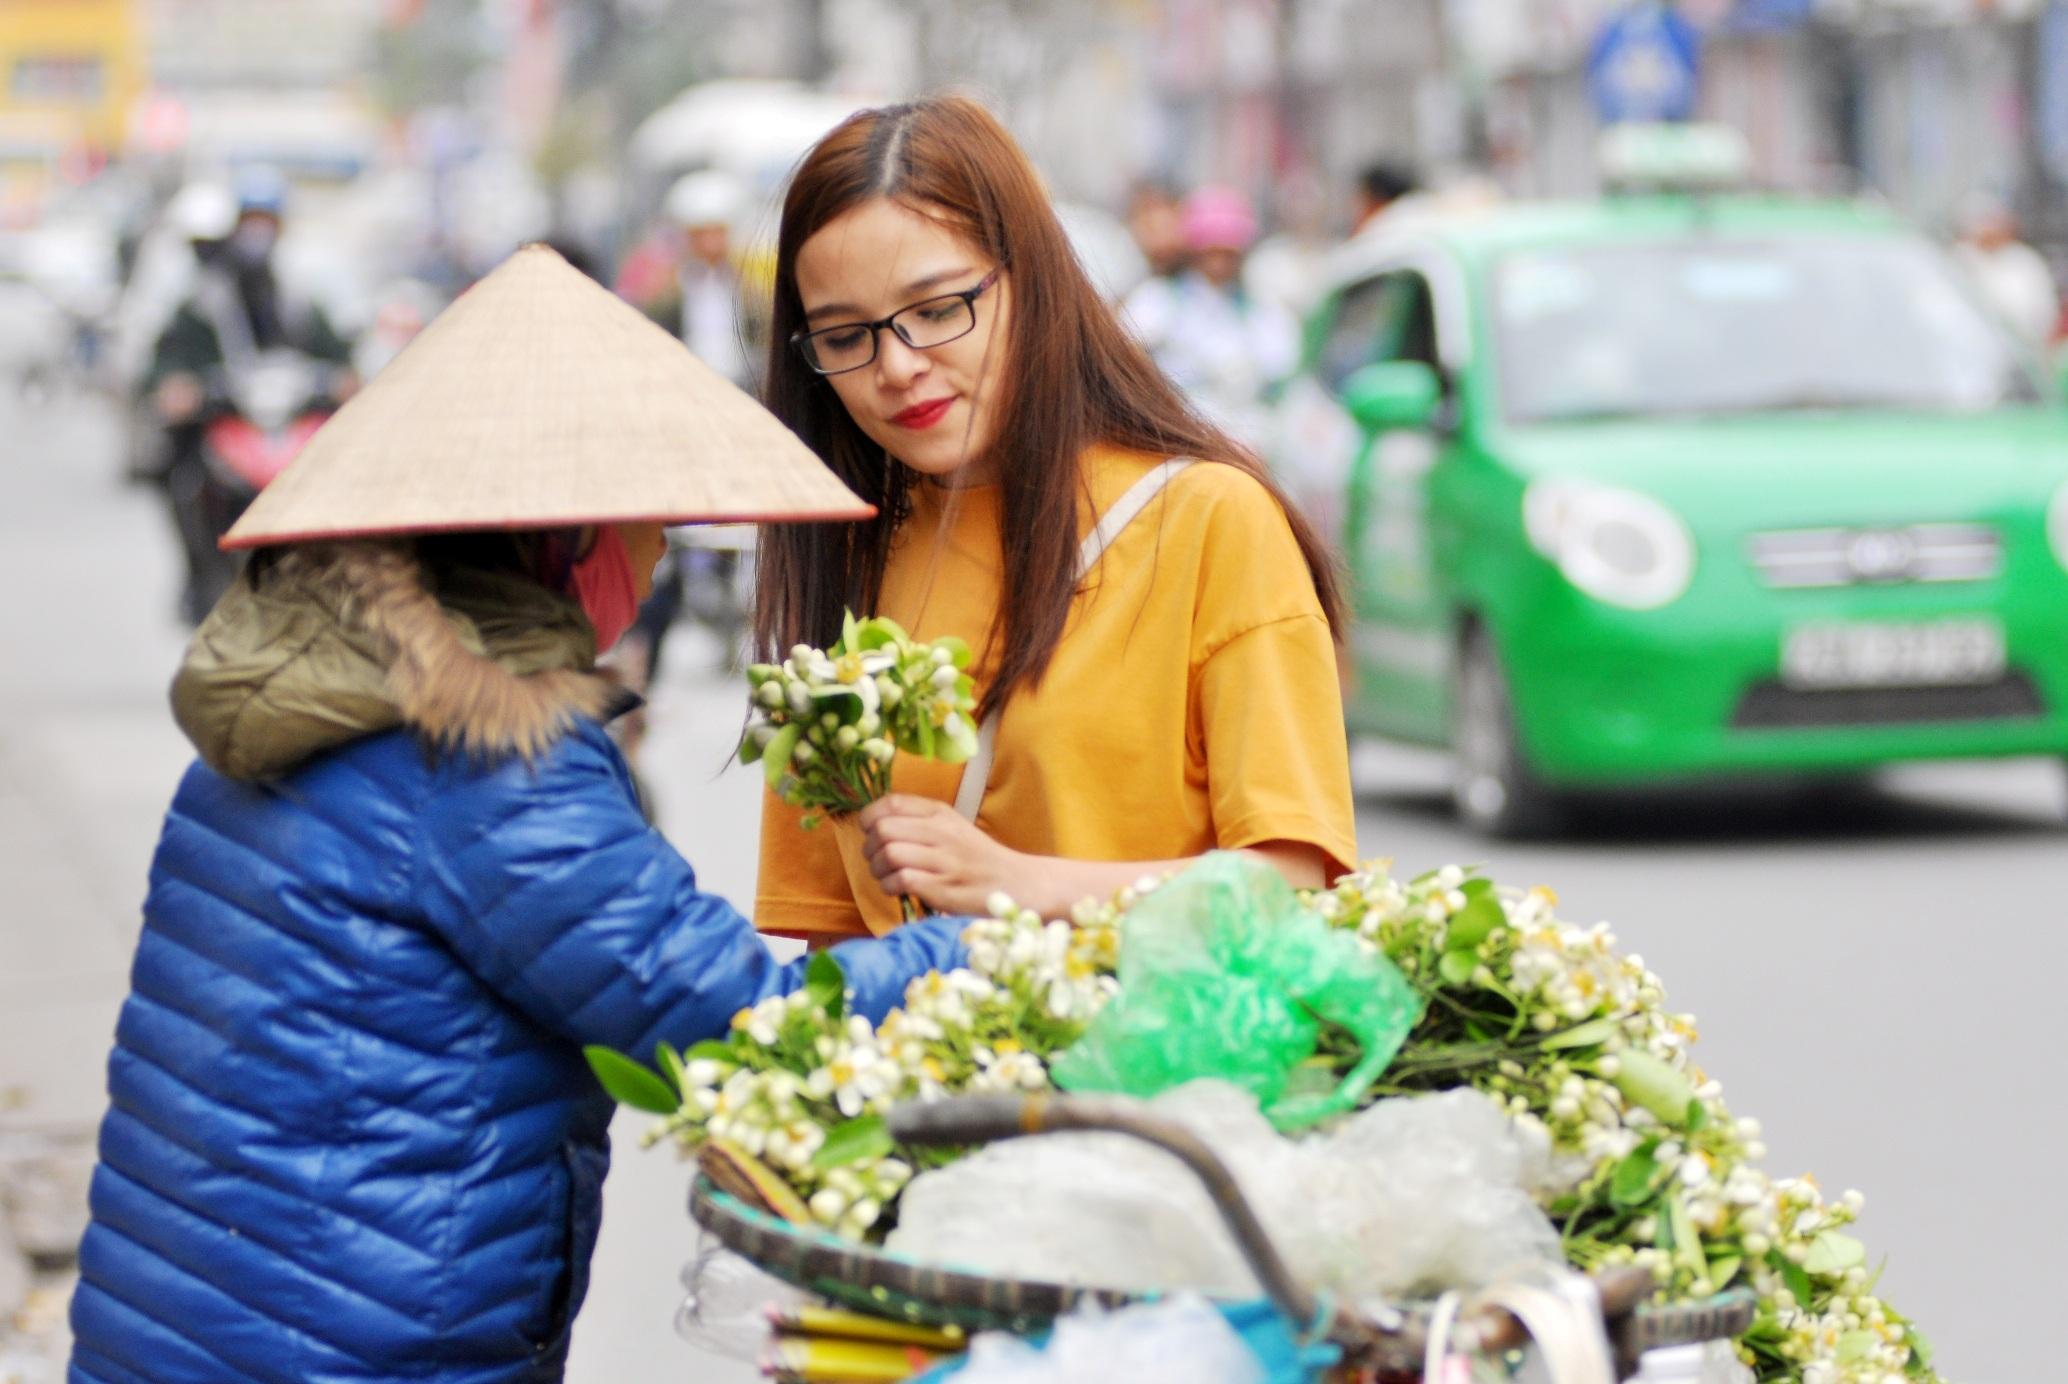 Dù có giá bán khá cao, song những hàng bán hoa bưởi vẫn thu hút khá đông khách mua hàng